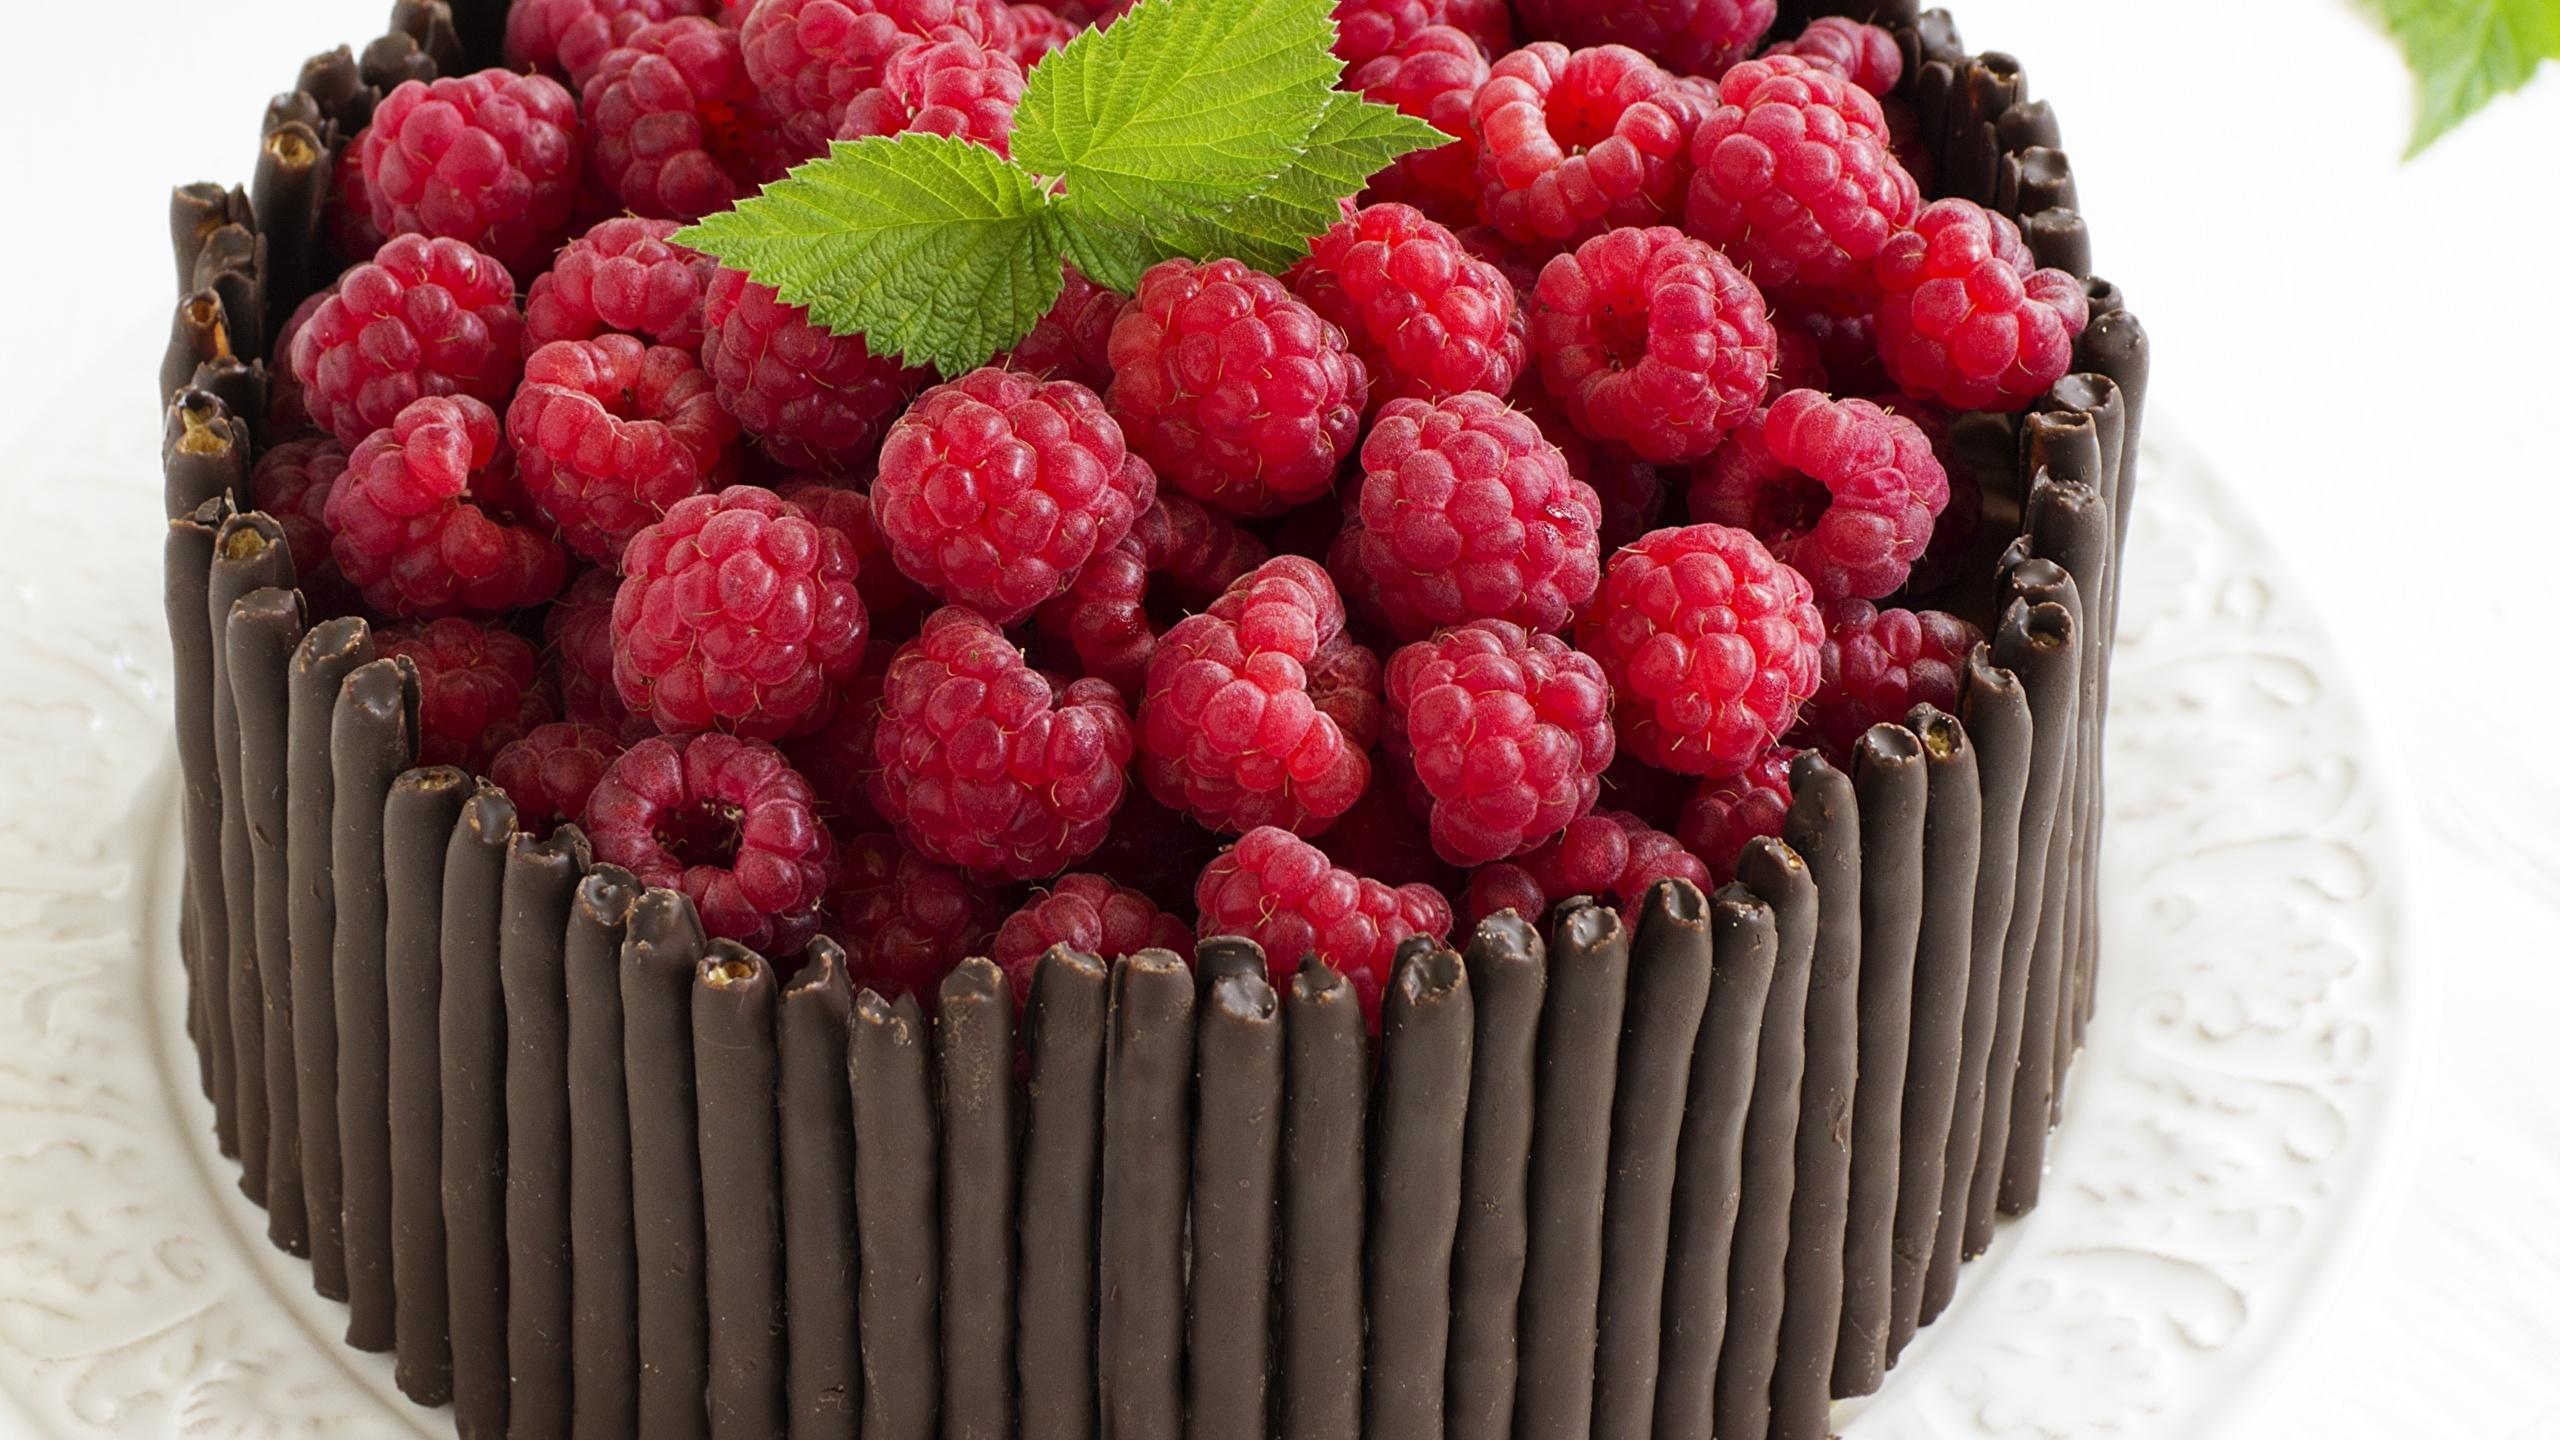 Обои для рабочего стола Шоколад Торты Малина Пища 2560x1440 Еда Продукты питания